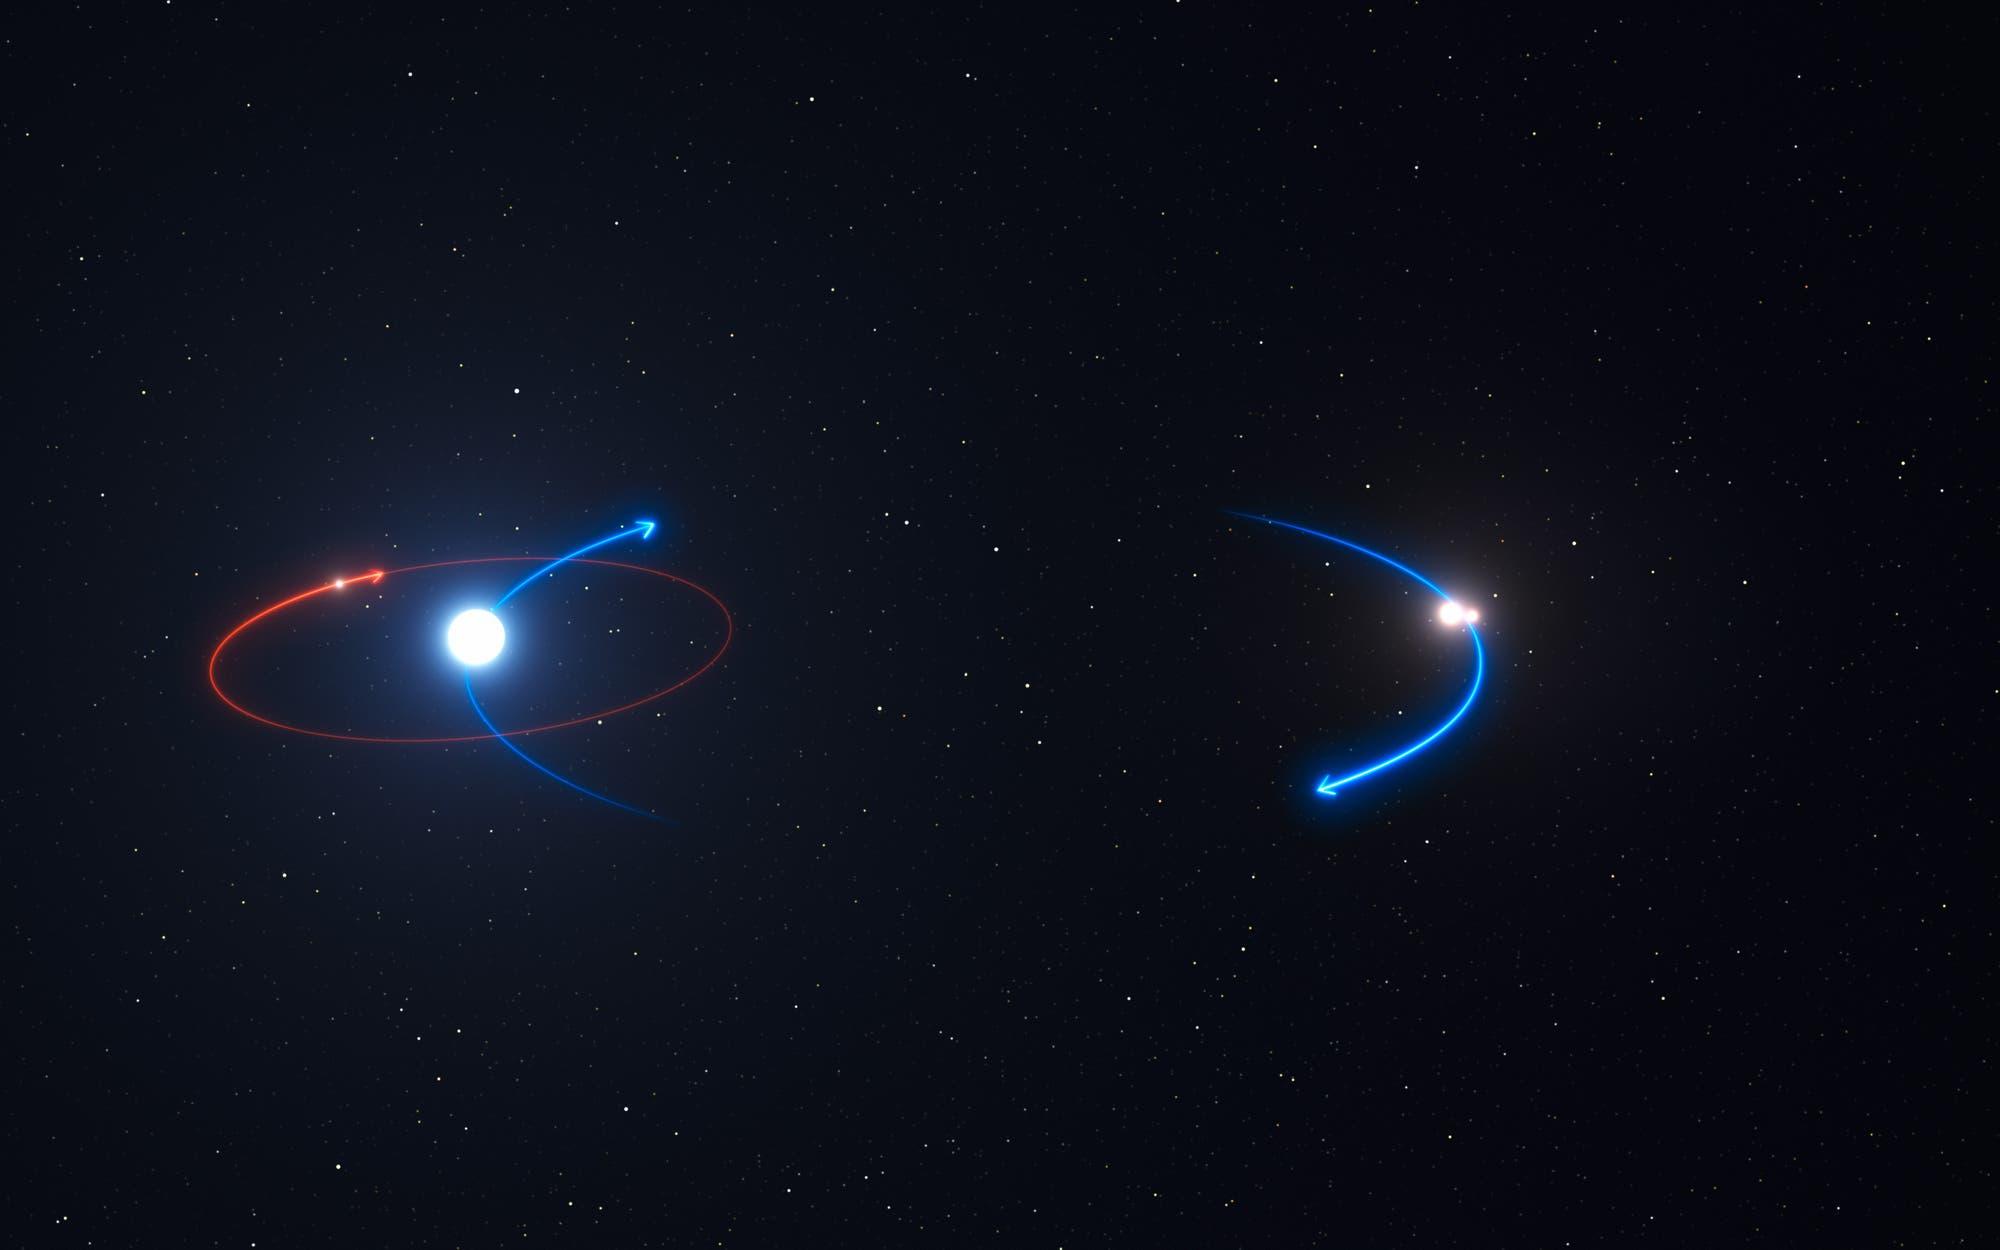 Schemadarstellung des Sternsystems HD 131399 im Sternbild Zentaur